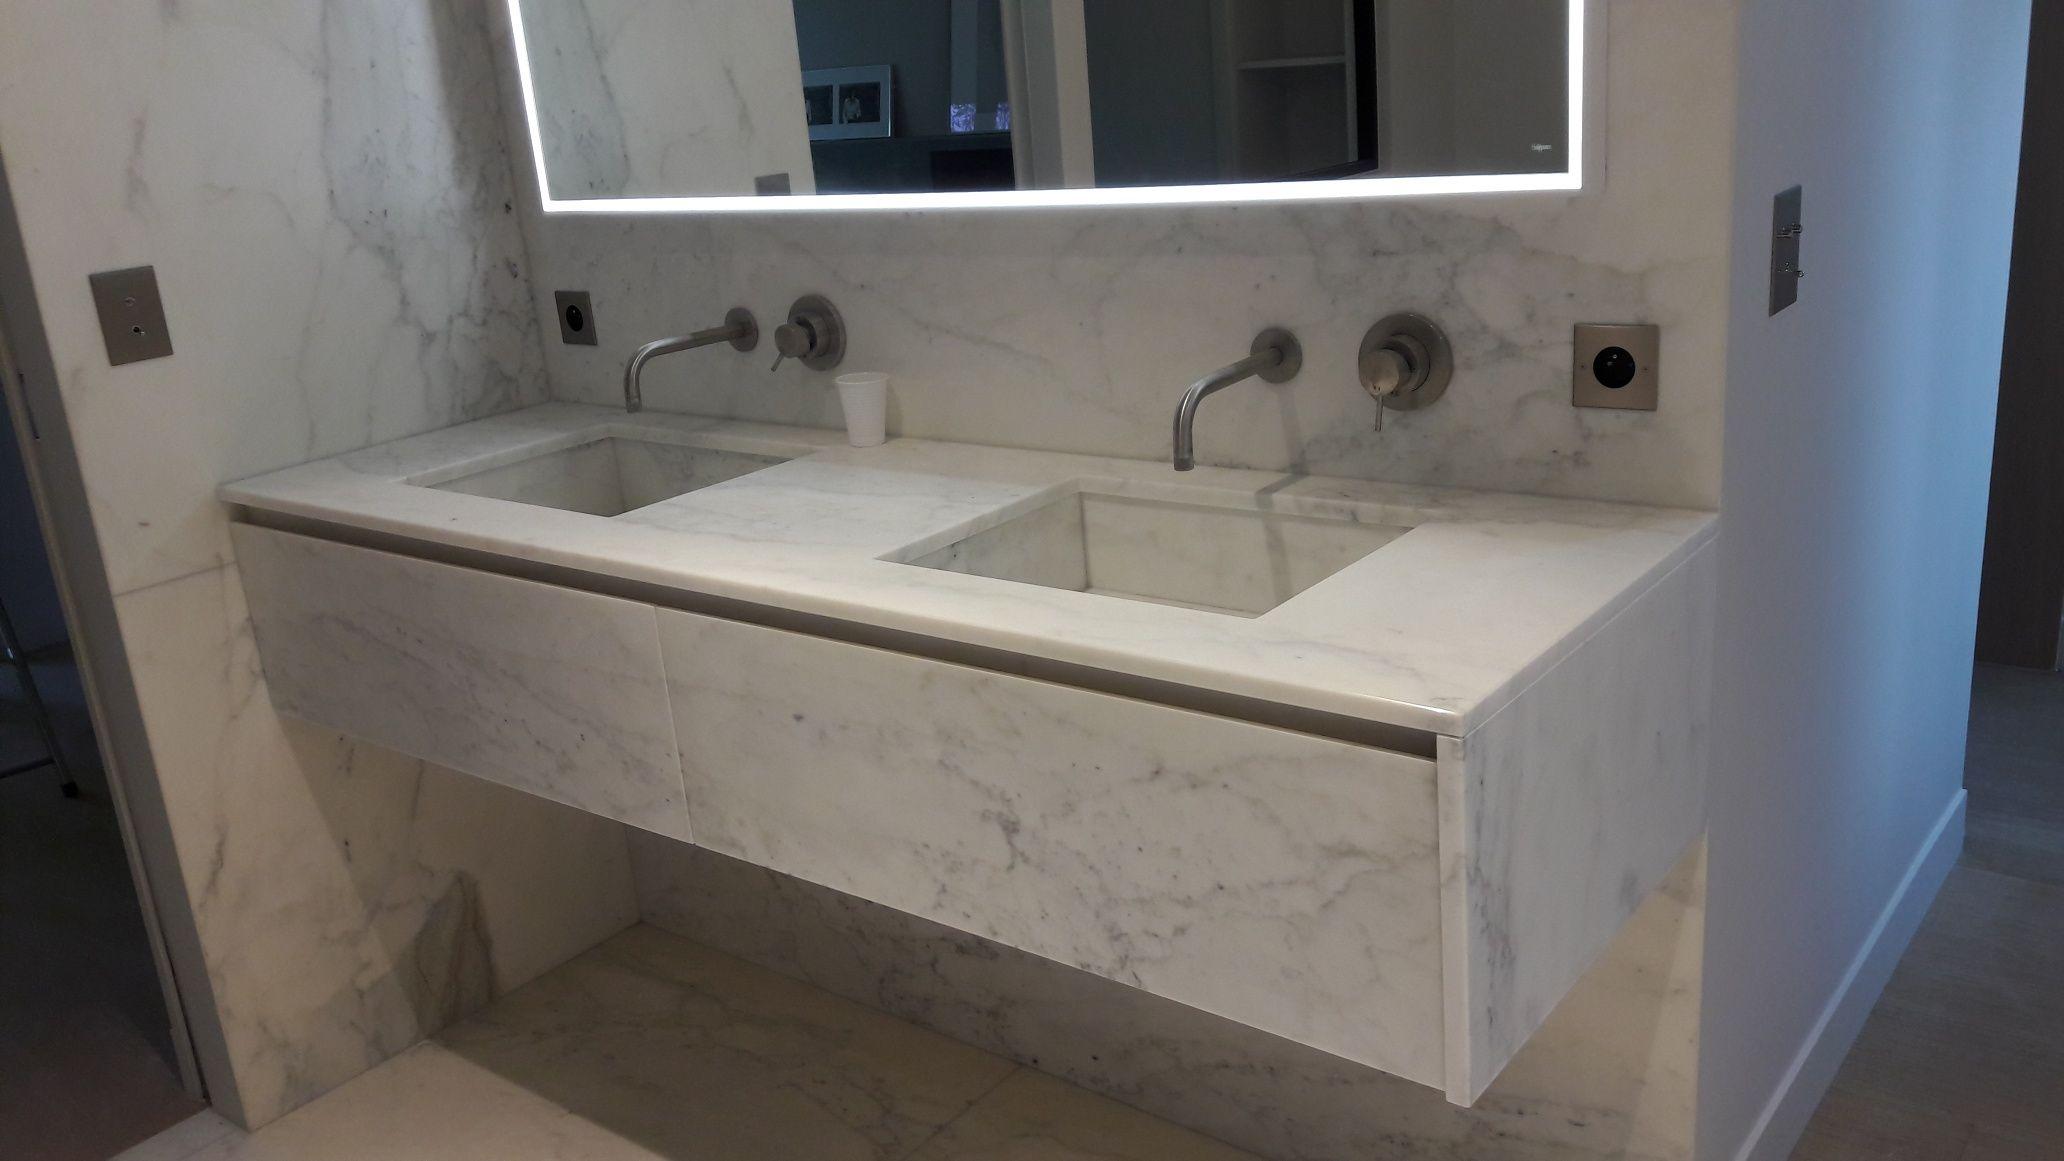 Meuble avec plan vasque en marbre cuve intégrée, tiroirs